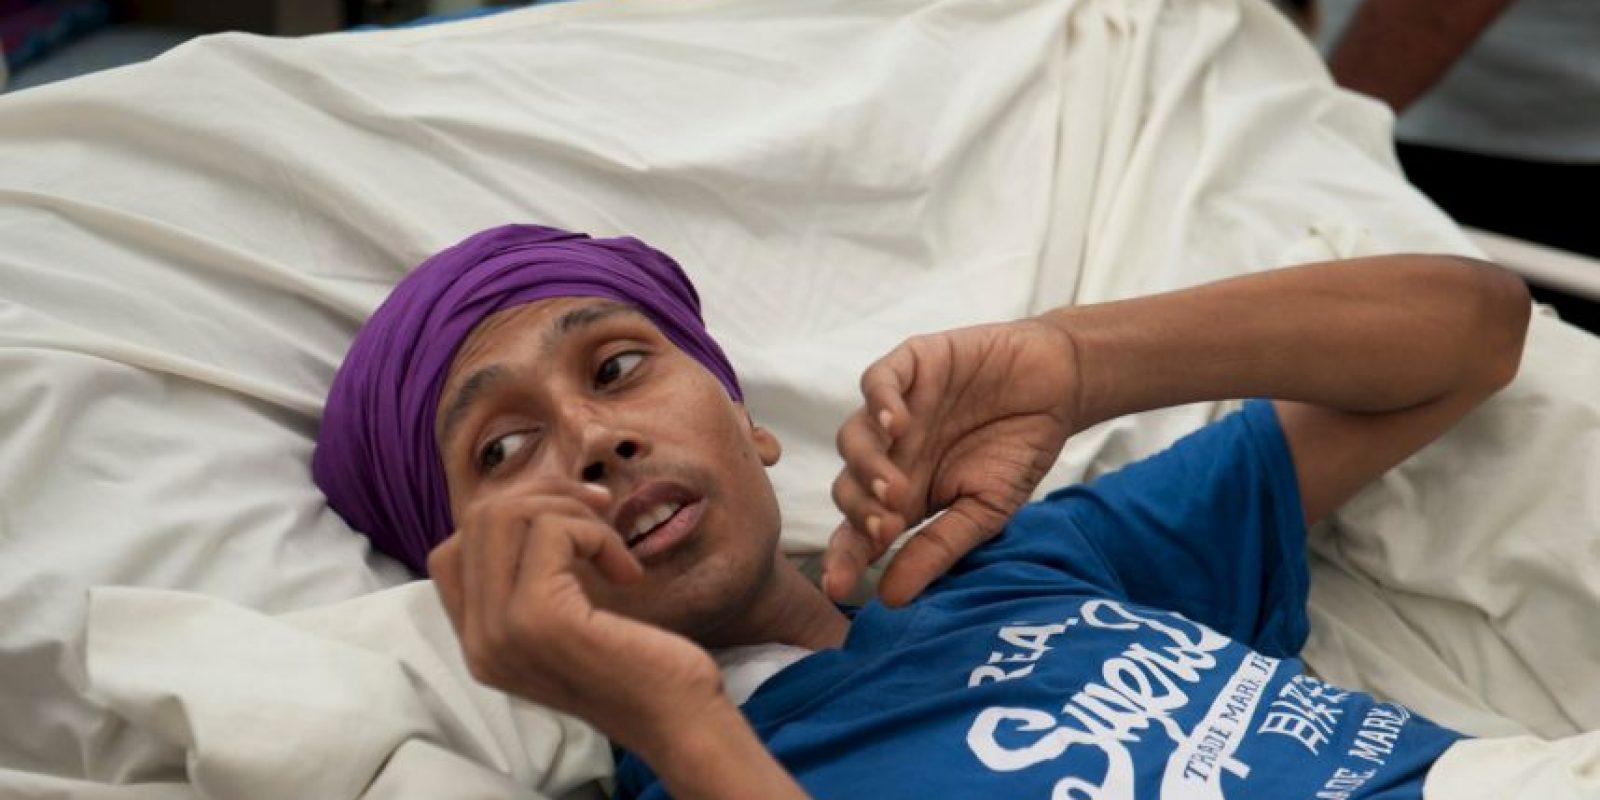 El joven perdió su pierna derecha en el proceso. Foto:vía Barcroft Media